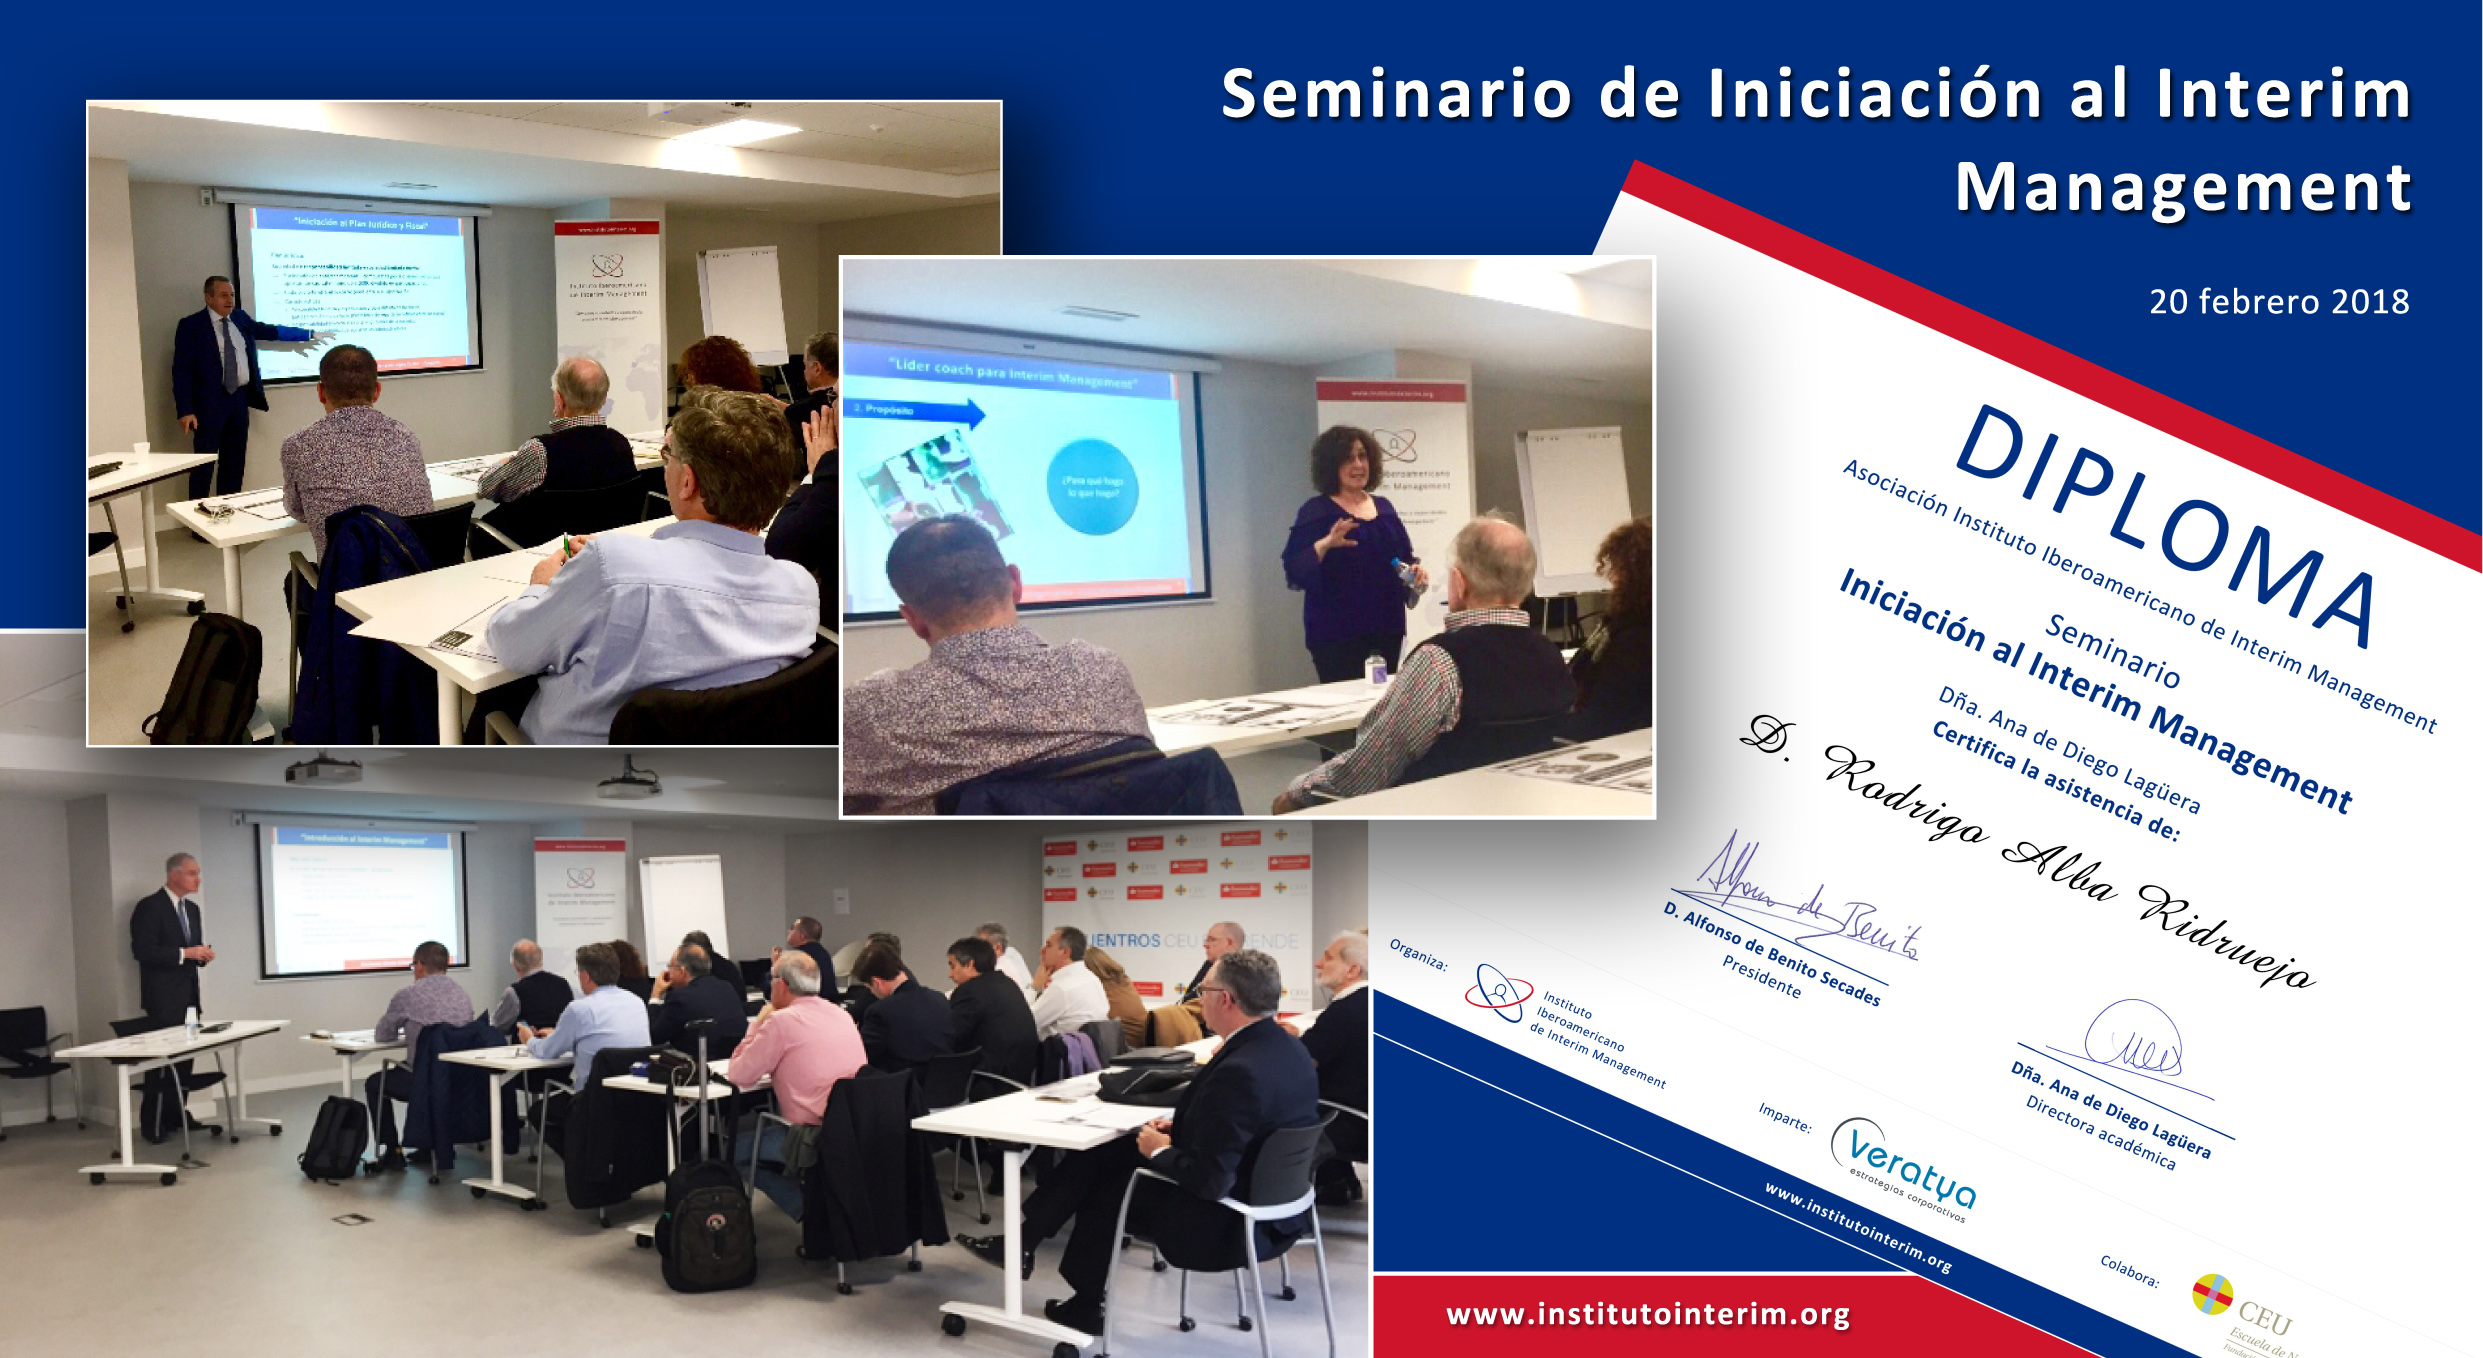 Seminario de Iniciación al Interim Management